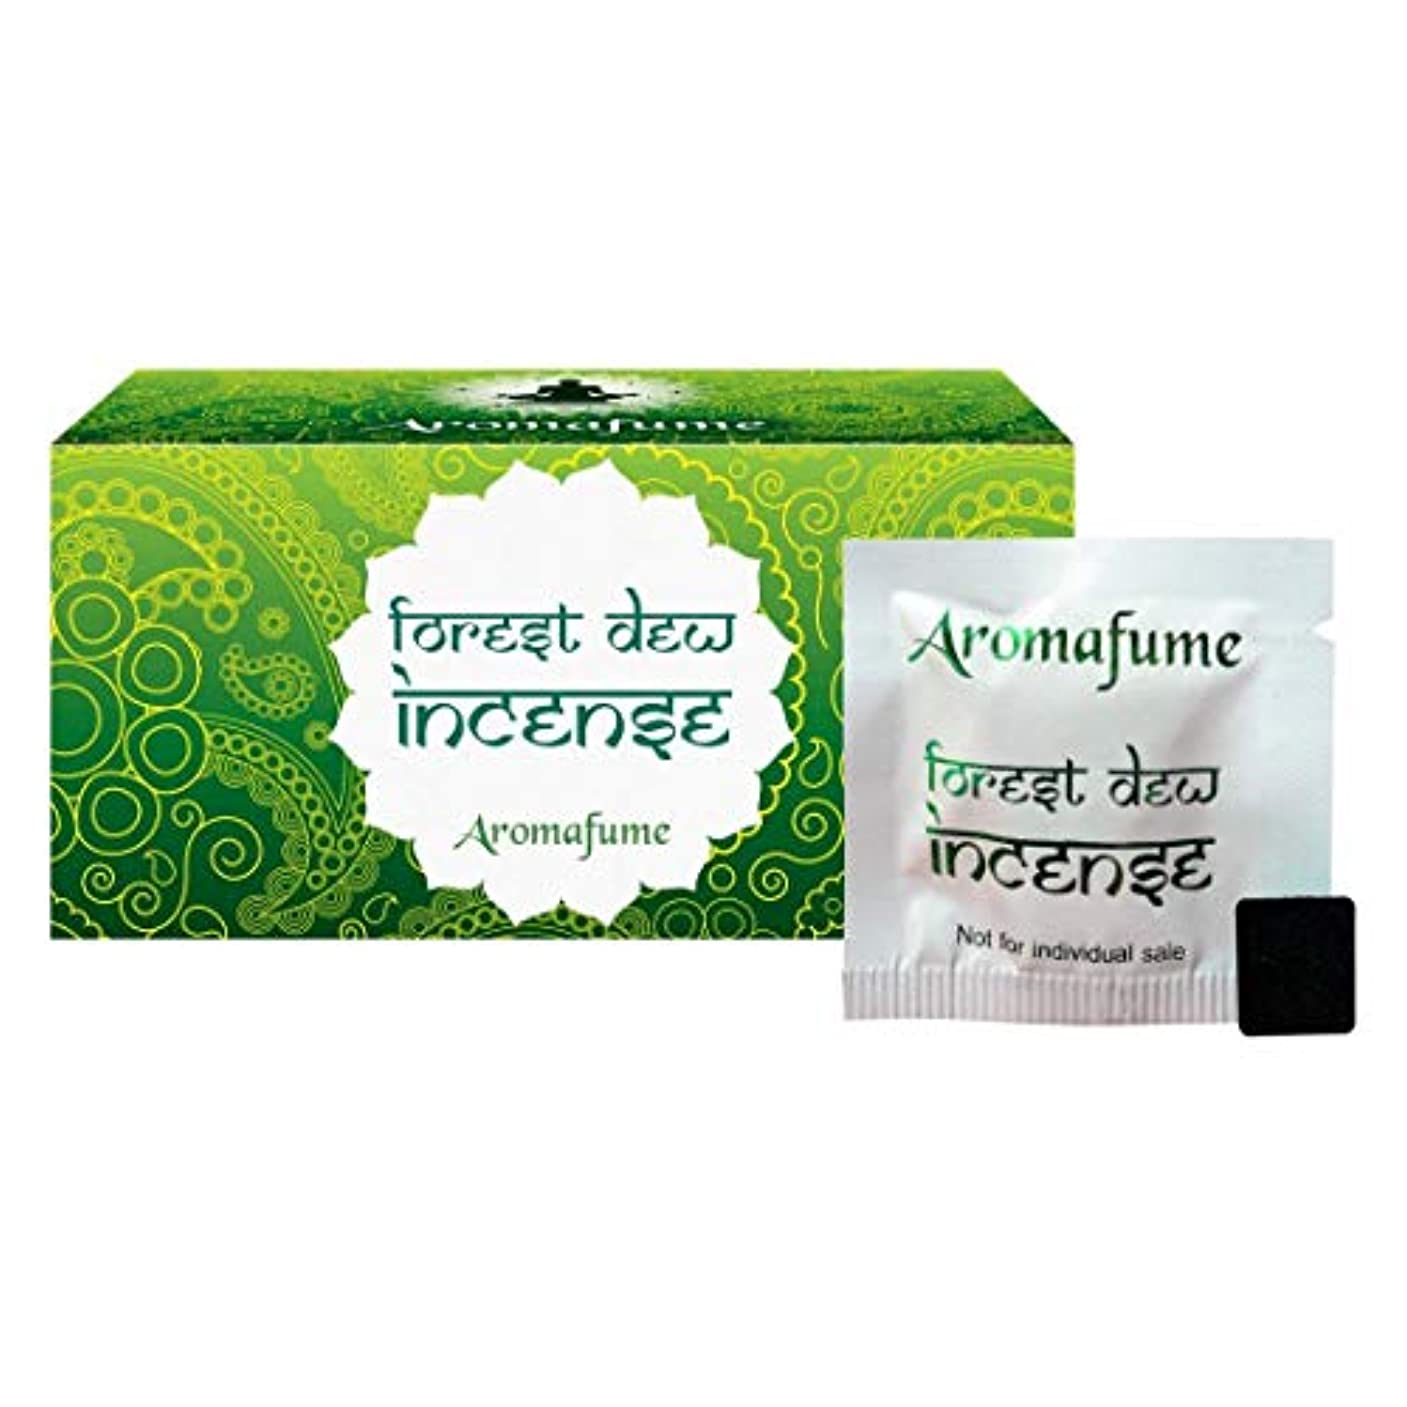 飛ぶ定期的なリア王Aromafume Forest Dew Incense Bricks (Medium)